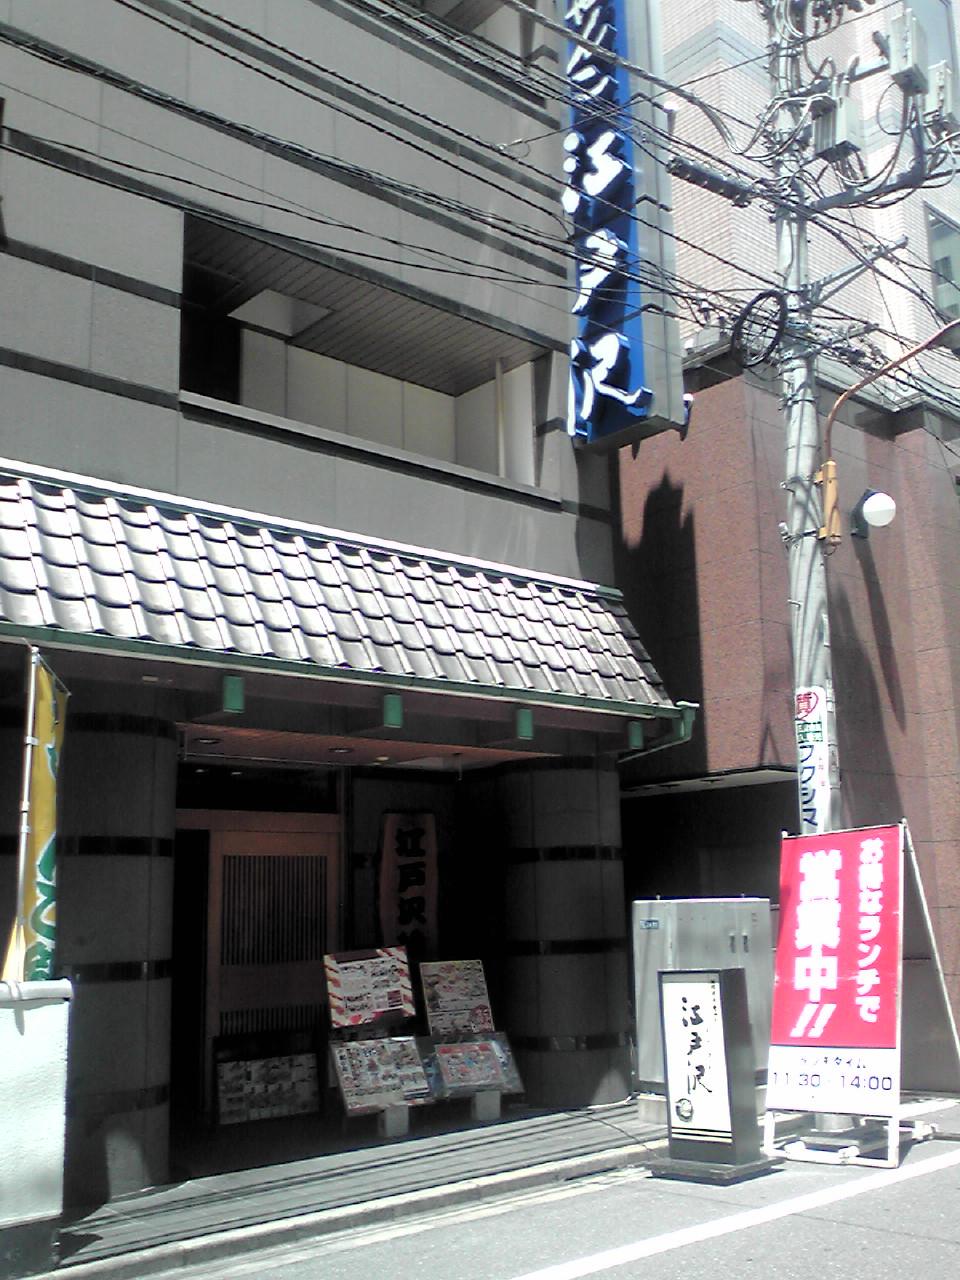 相撲茶屋 ちゃんこ 江戸沢 総本店